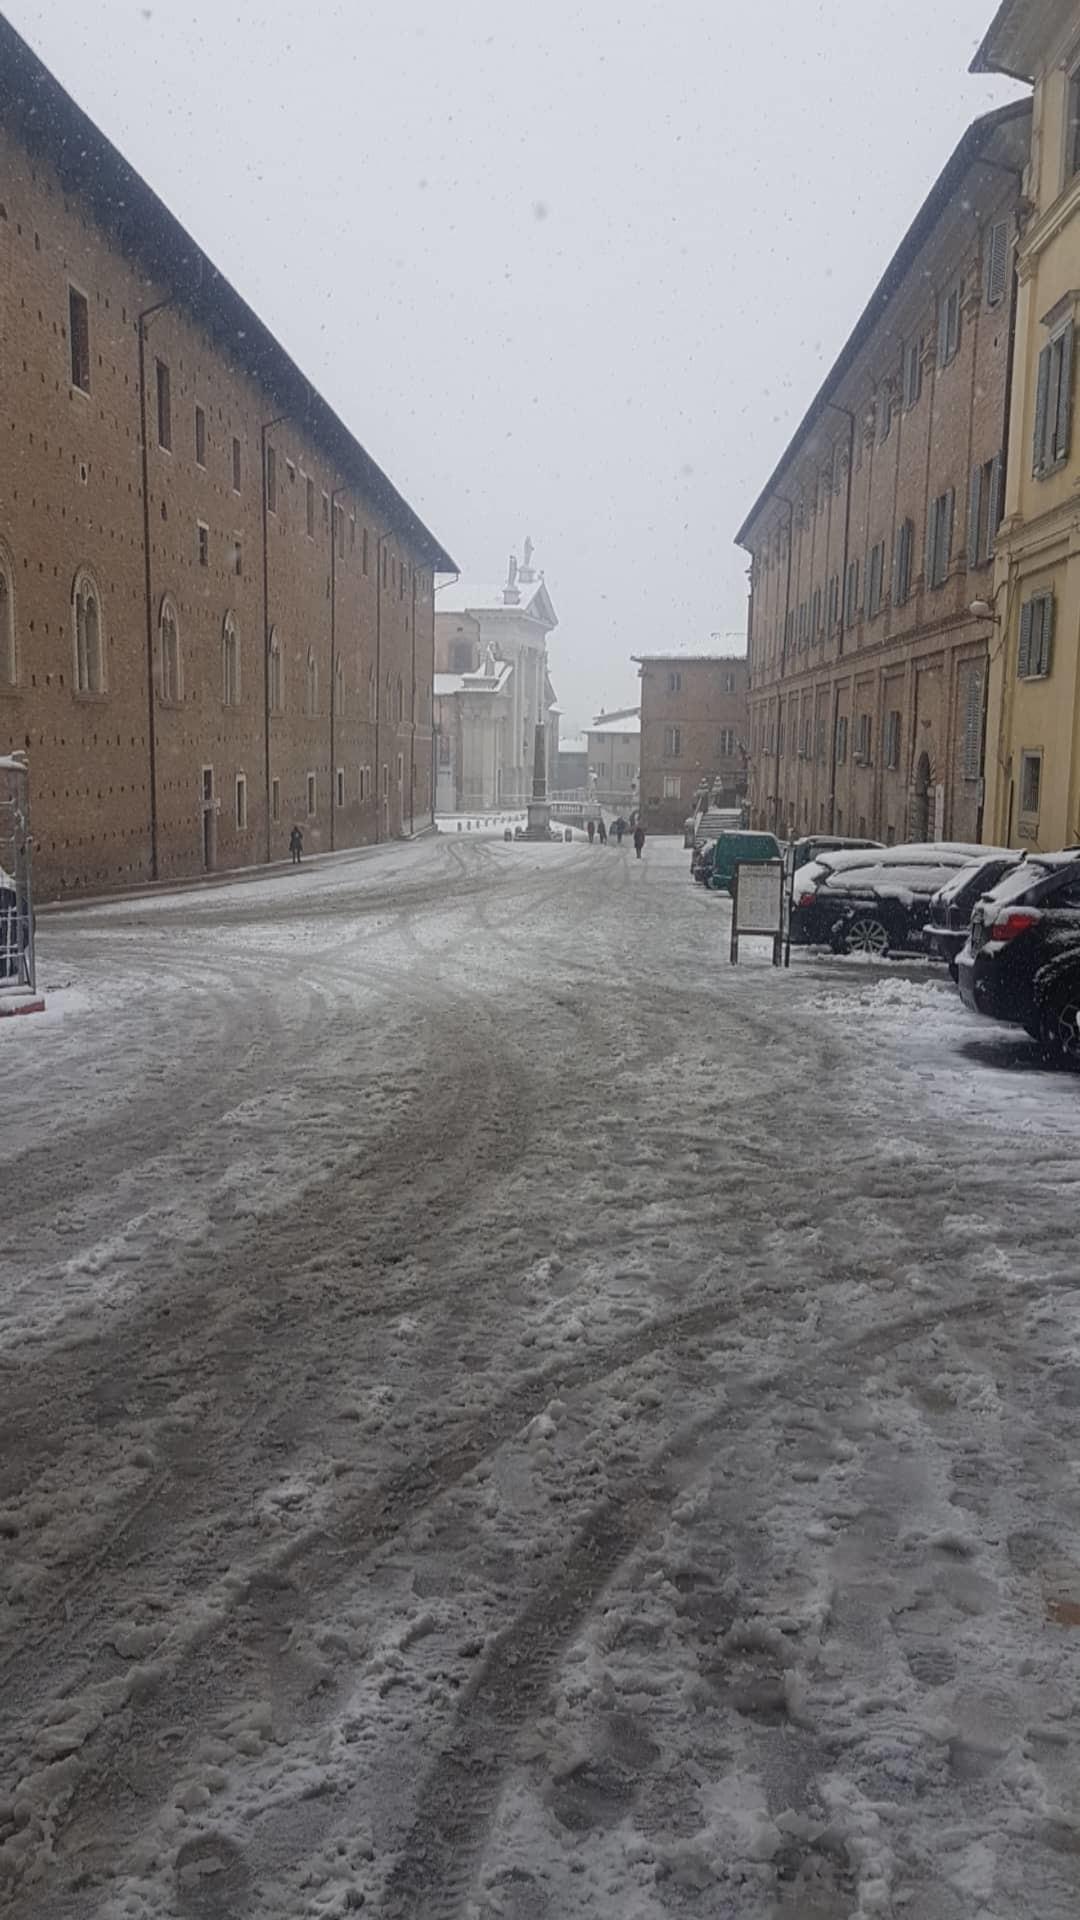 Nieve en Urbino.